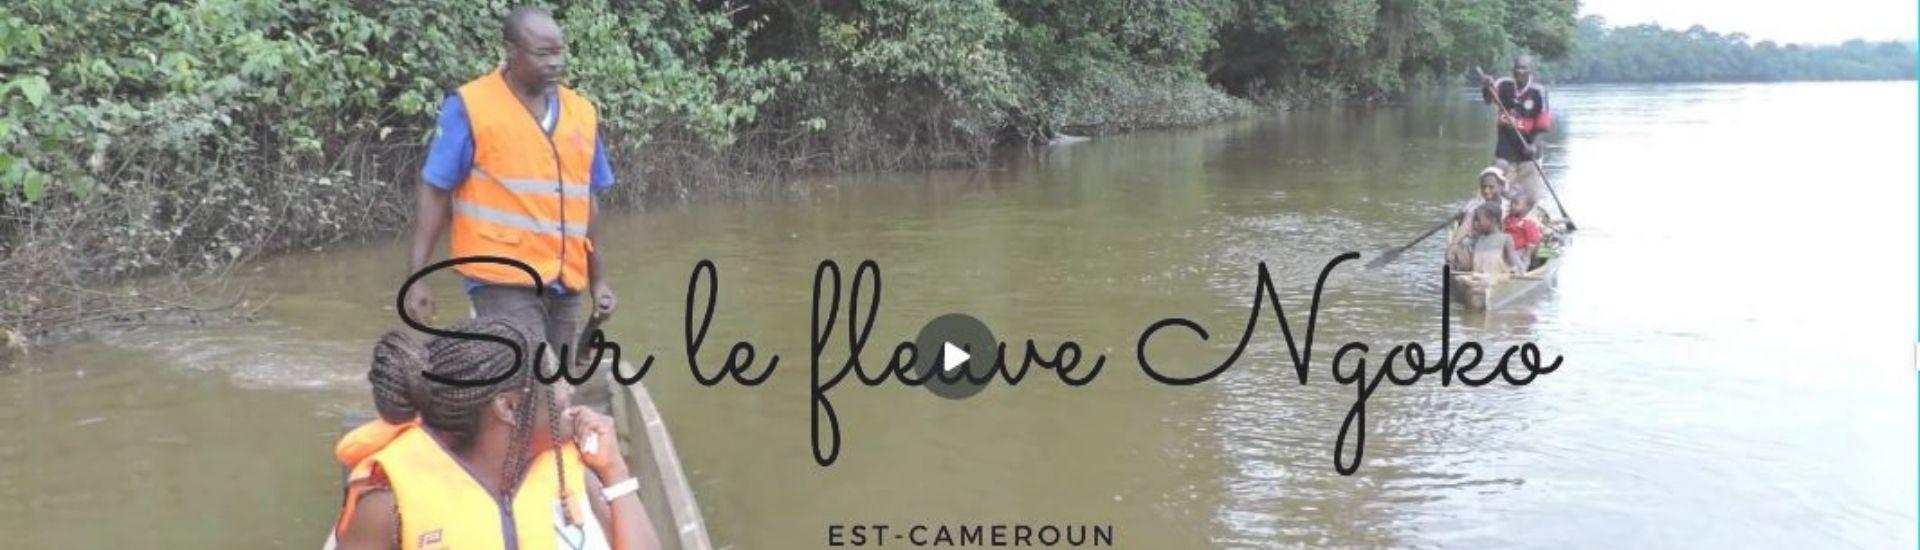 Sur les bords du fleuve Ngoko (Cameroun) - Minsili ZANGA